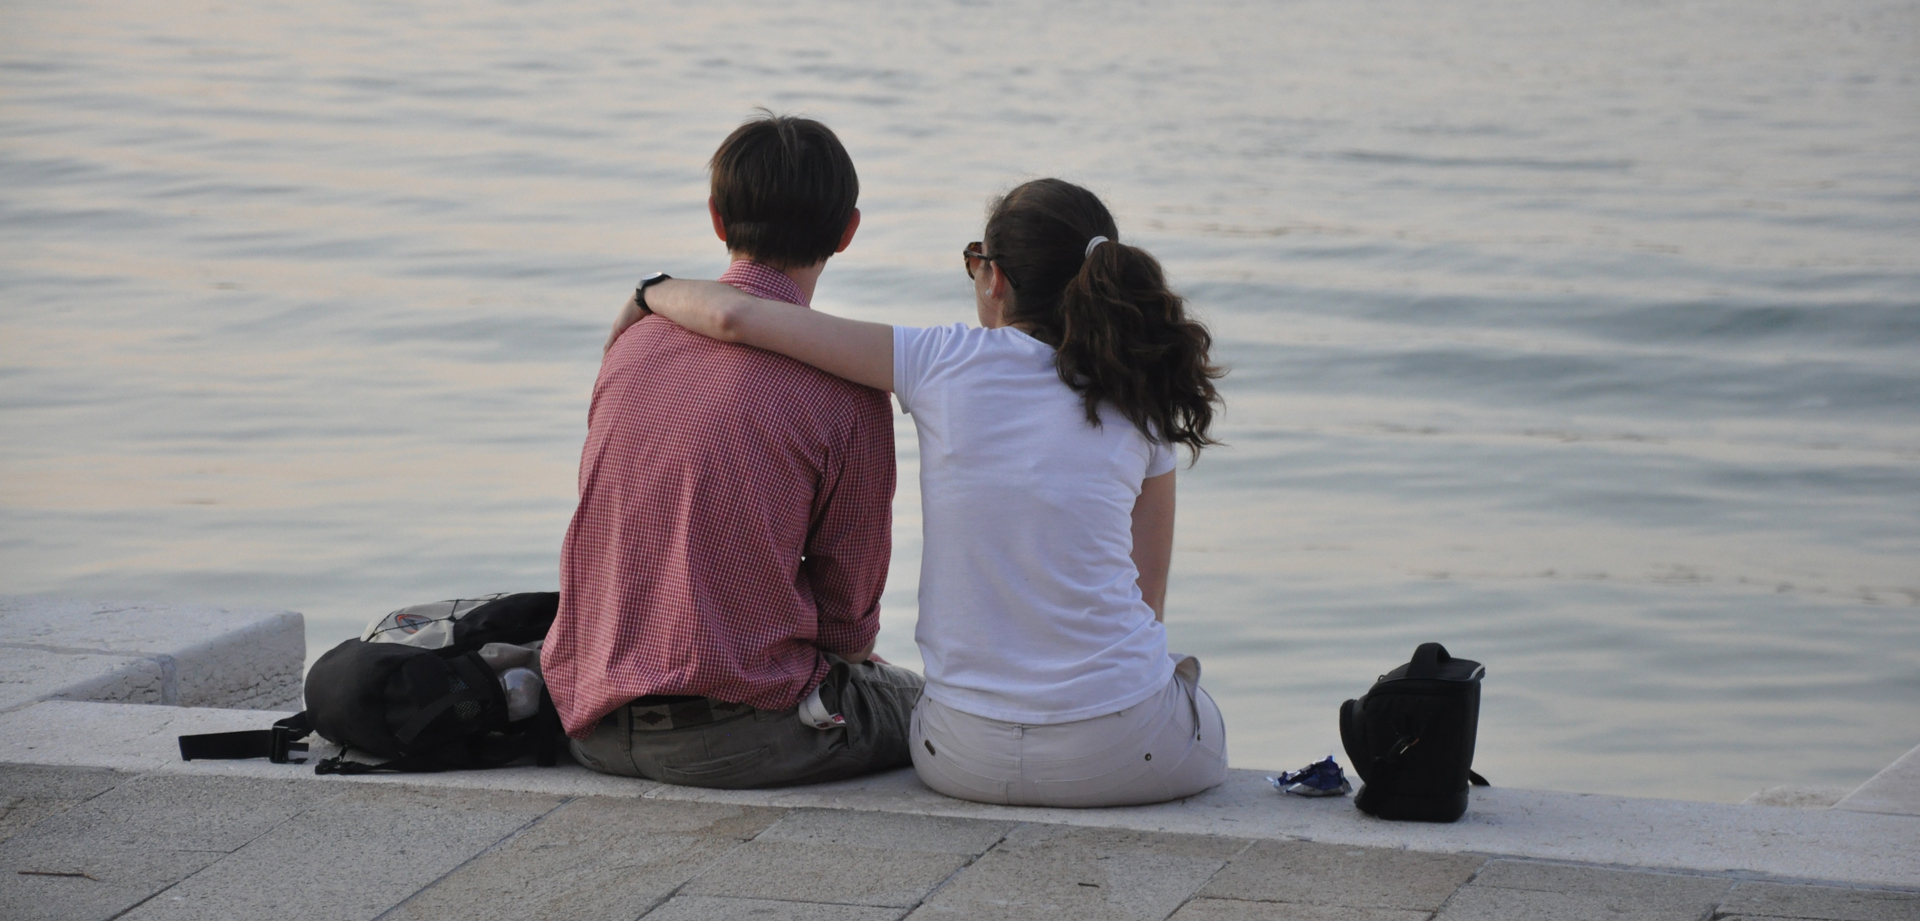 יואל שתרוג - אדמה יוצרת - yoel sitruk אושר -רק אהבה- שנה טובה